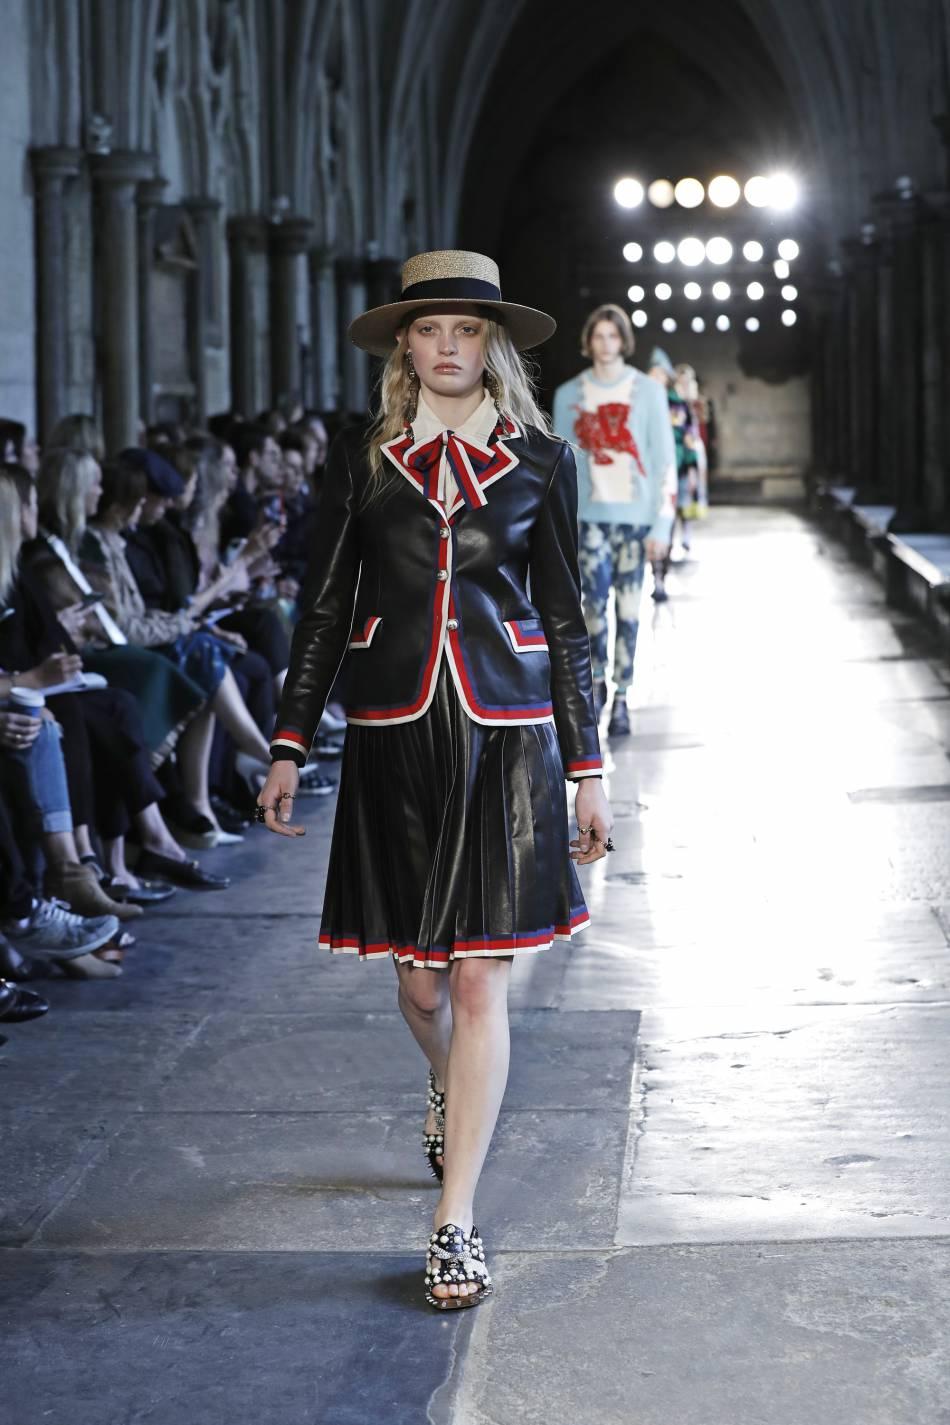 Le cuir est travaillé avec élégance sur le défilé Gucci Croisière.